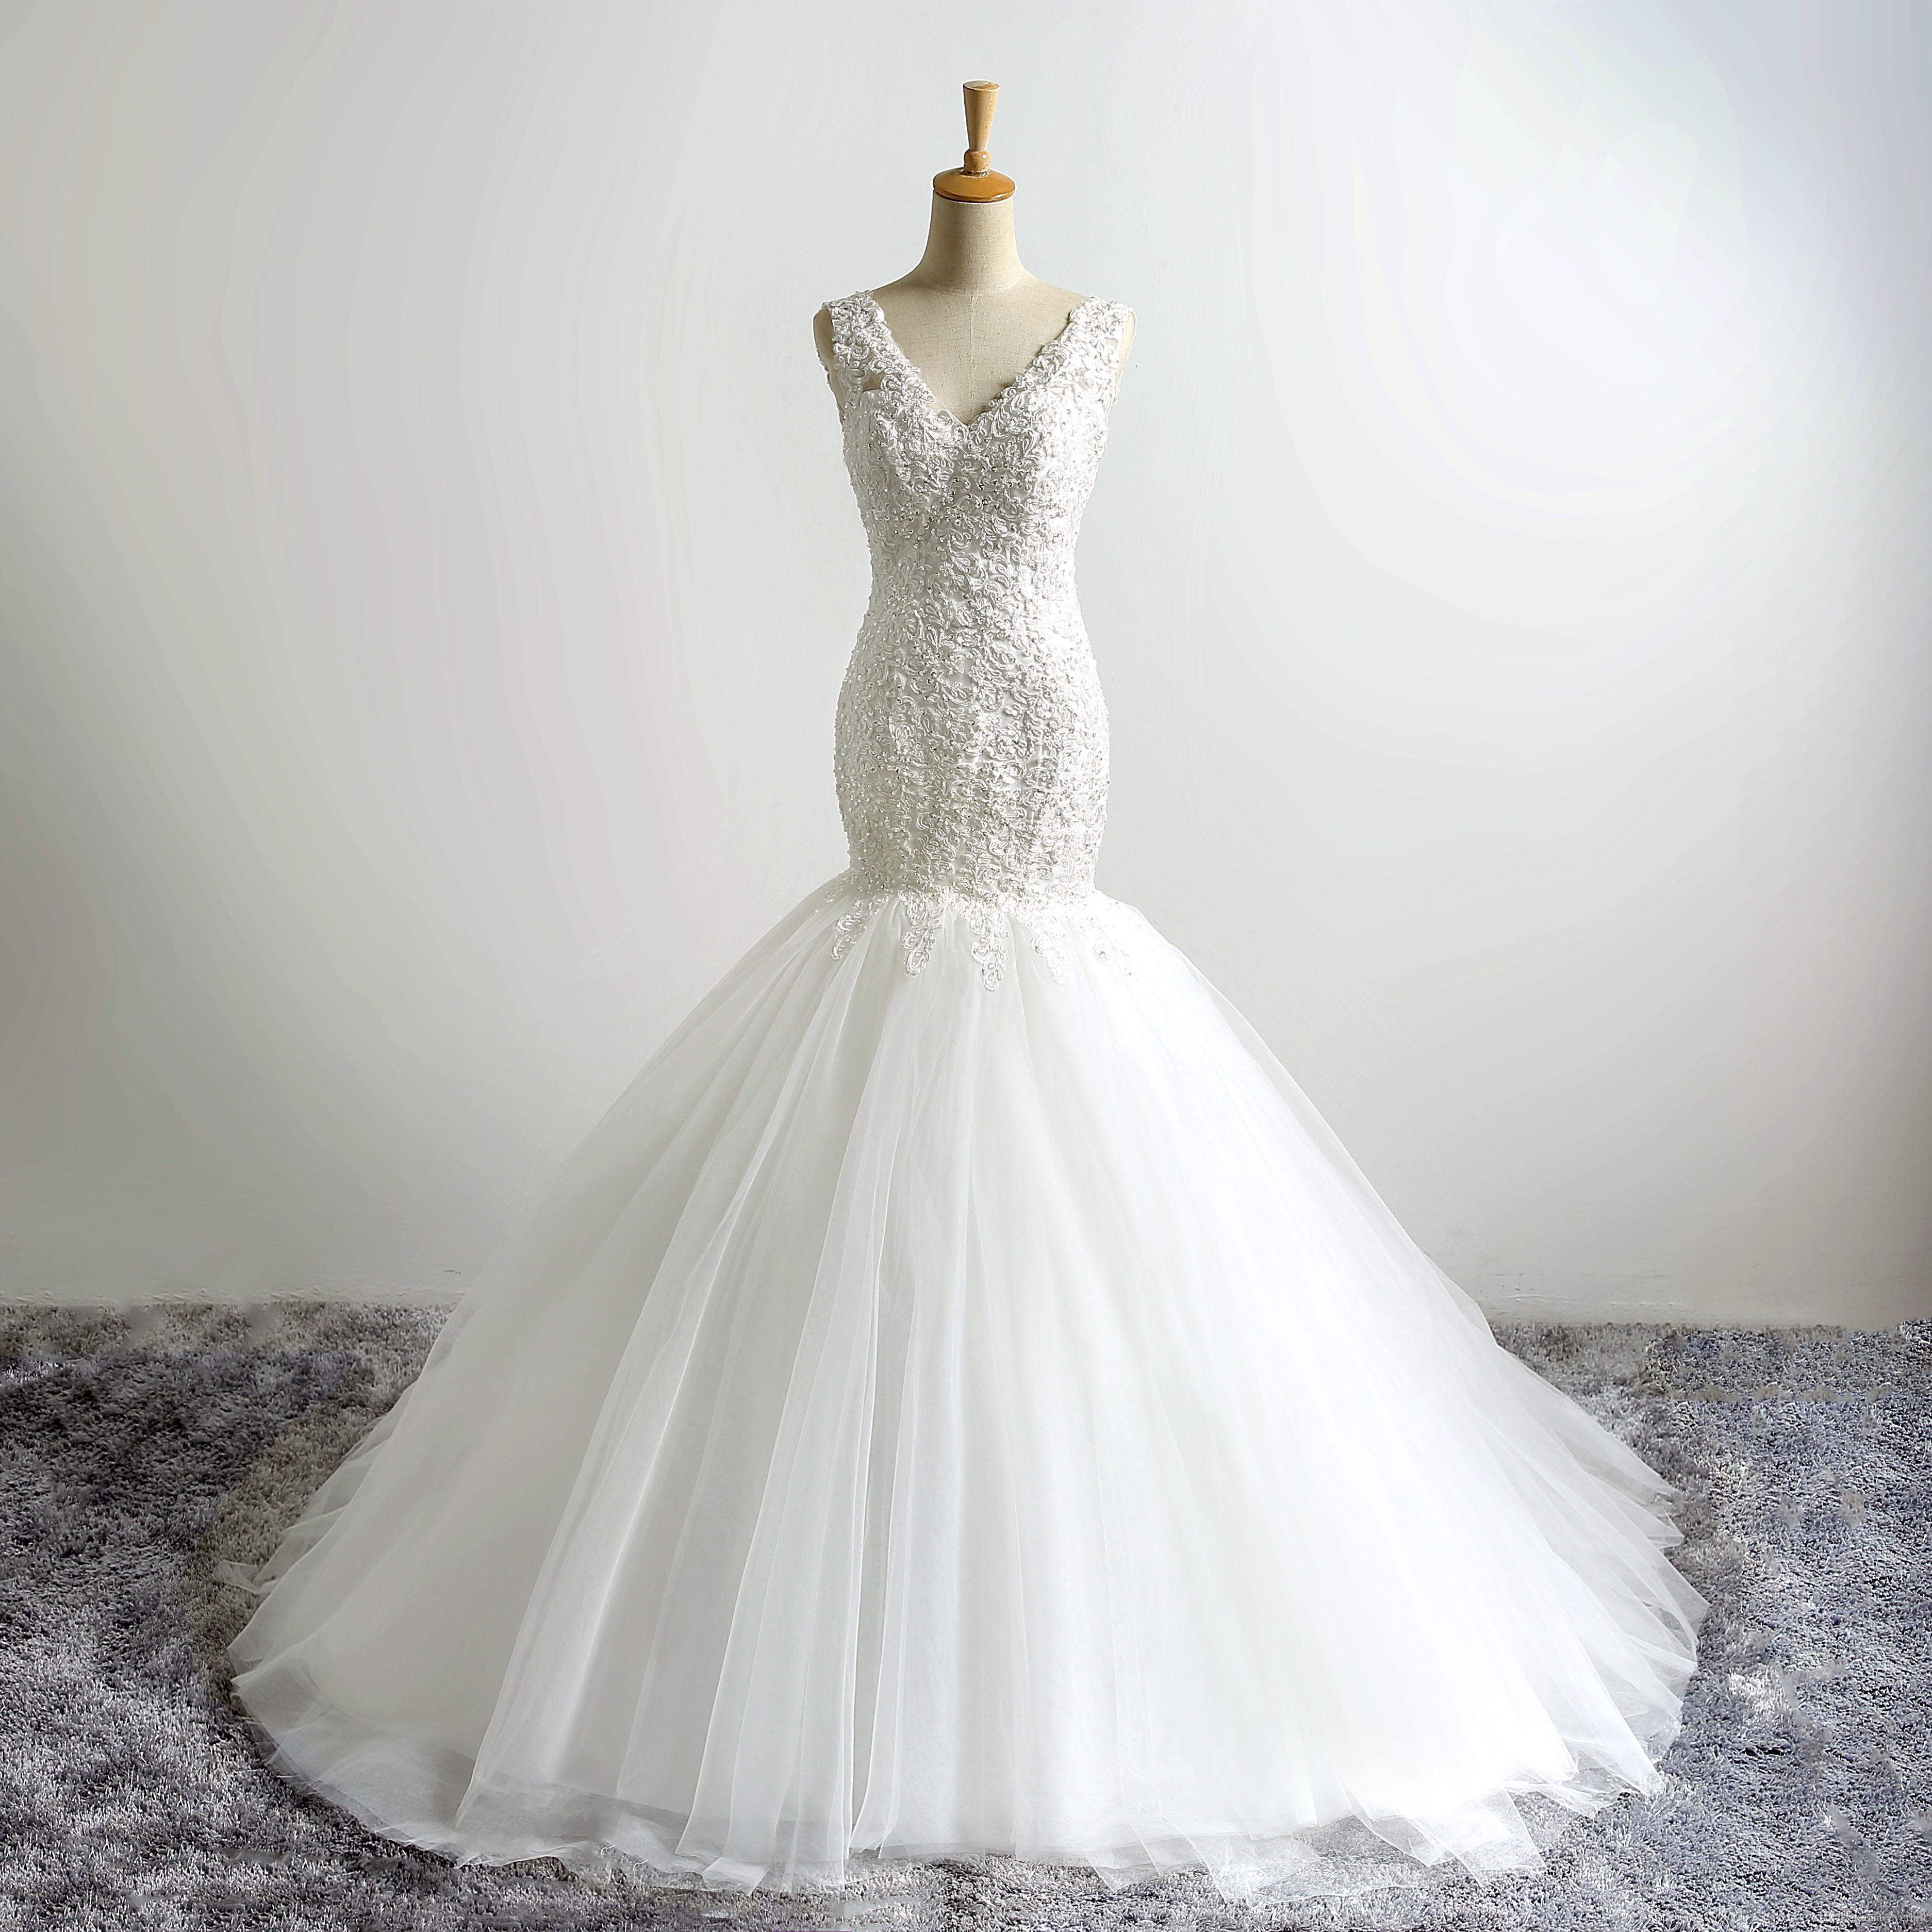 Cheap Modern Dress Patterns Free Discount Berta Beads Wedding Dresses df84d6d1042d